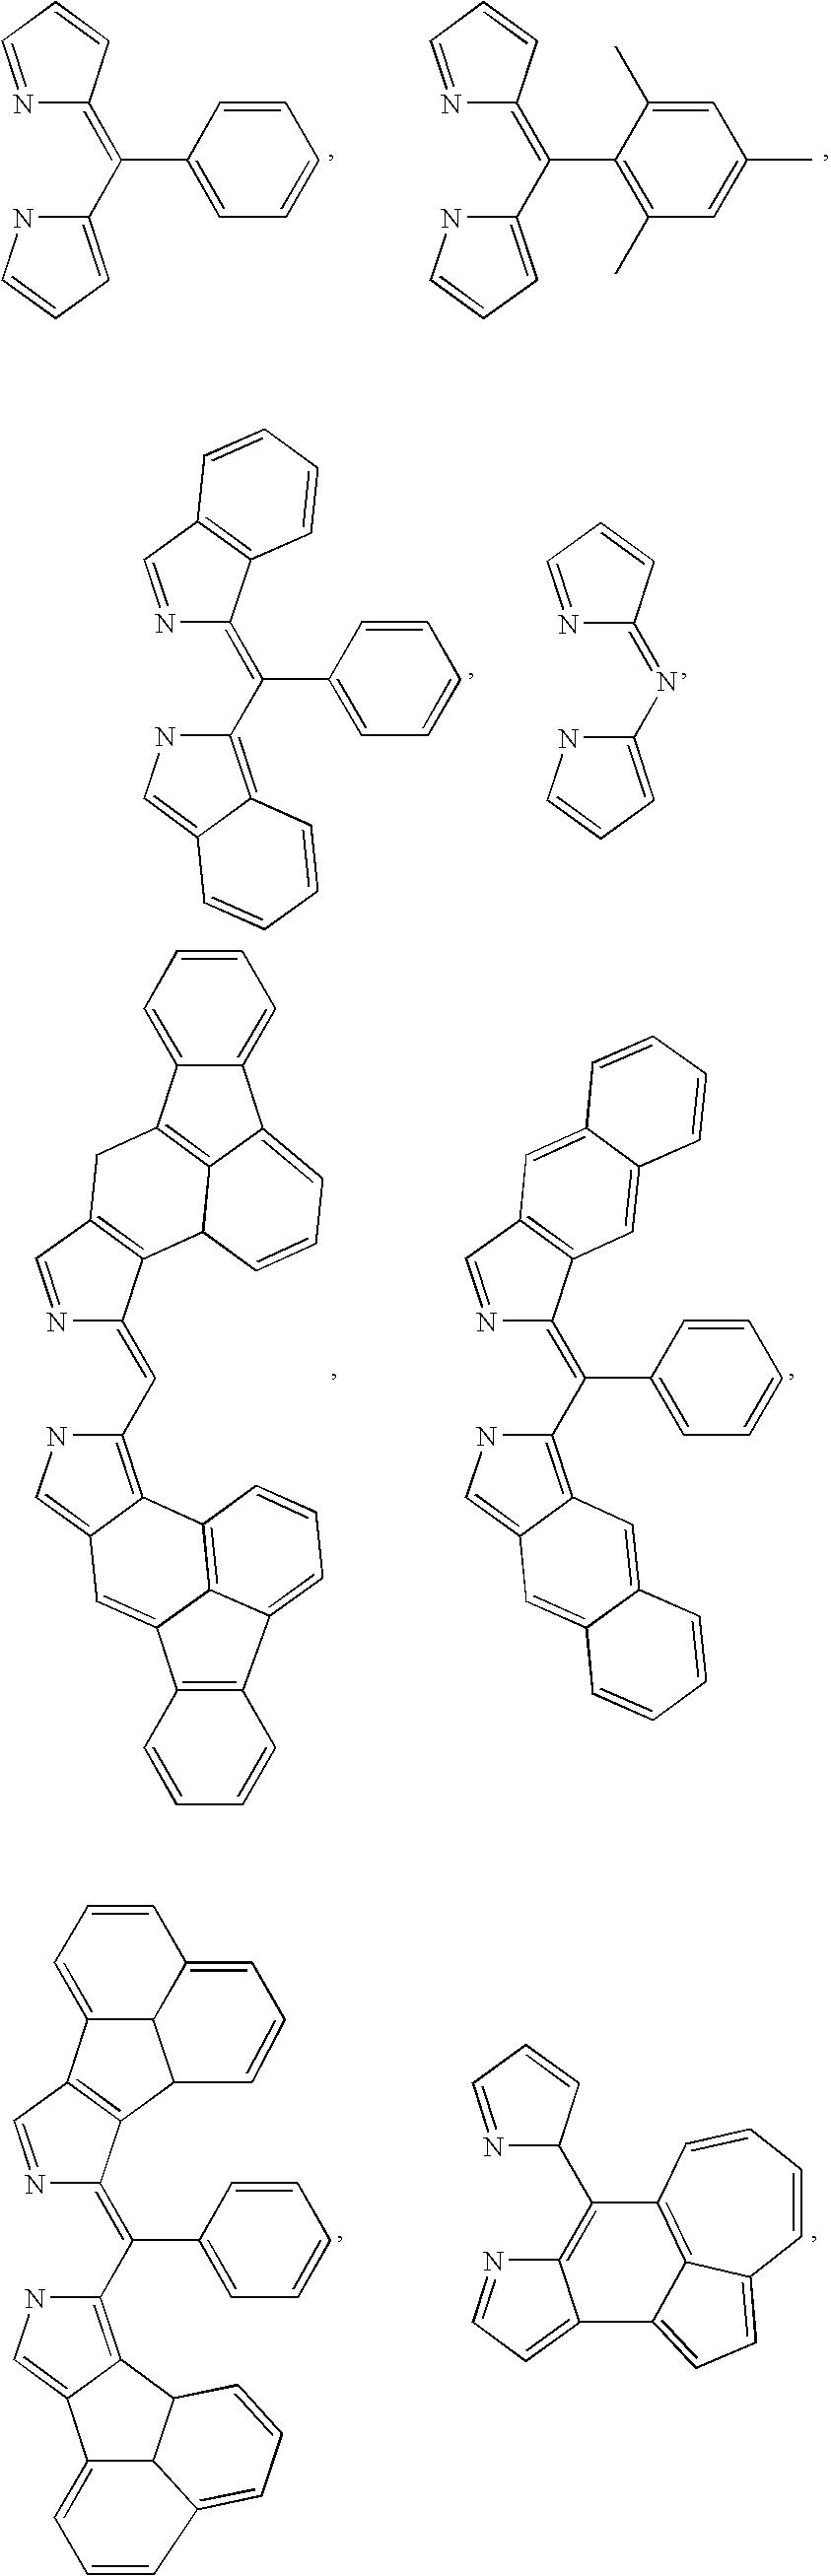 Figure US20100013386A1-20100121-C00007